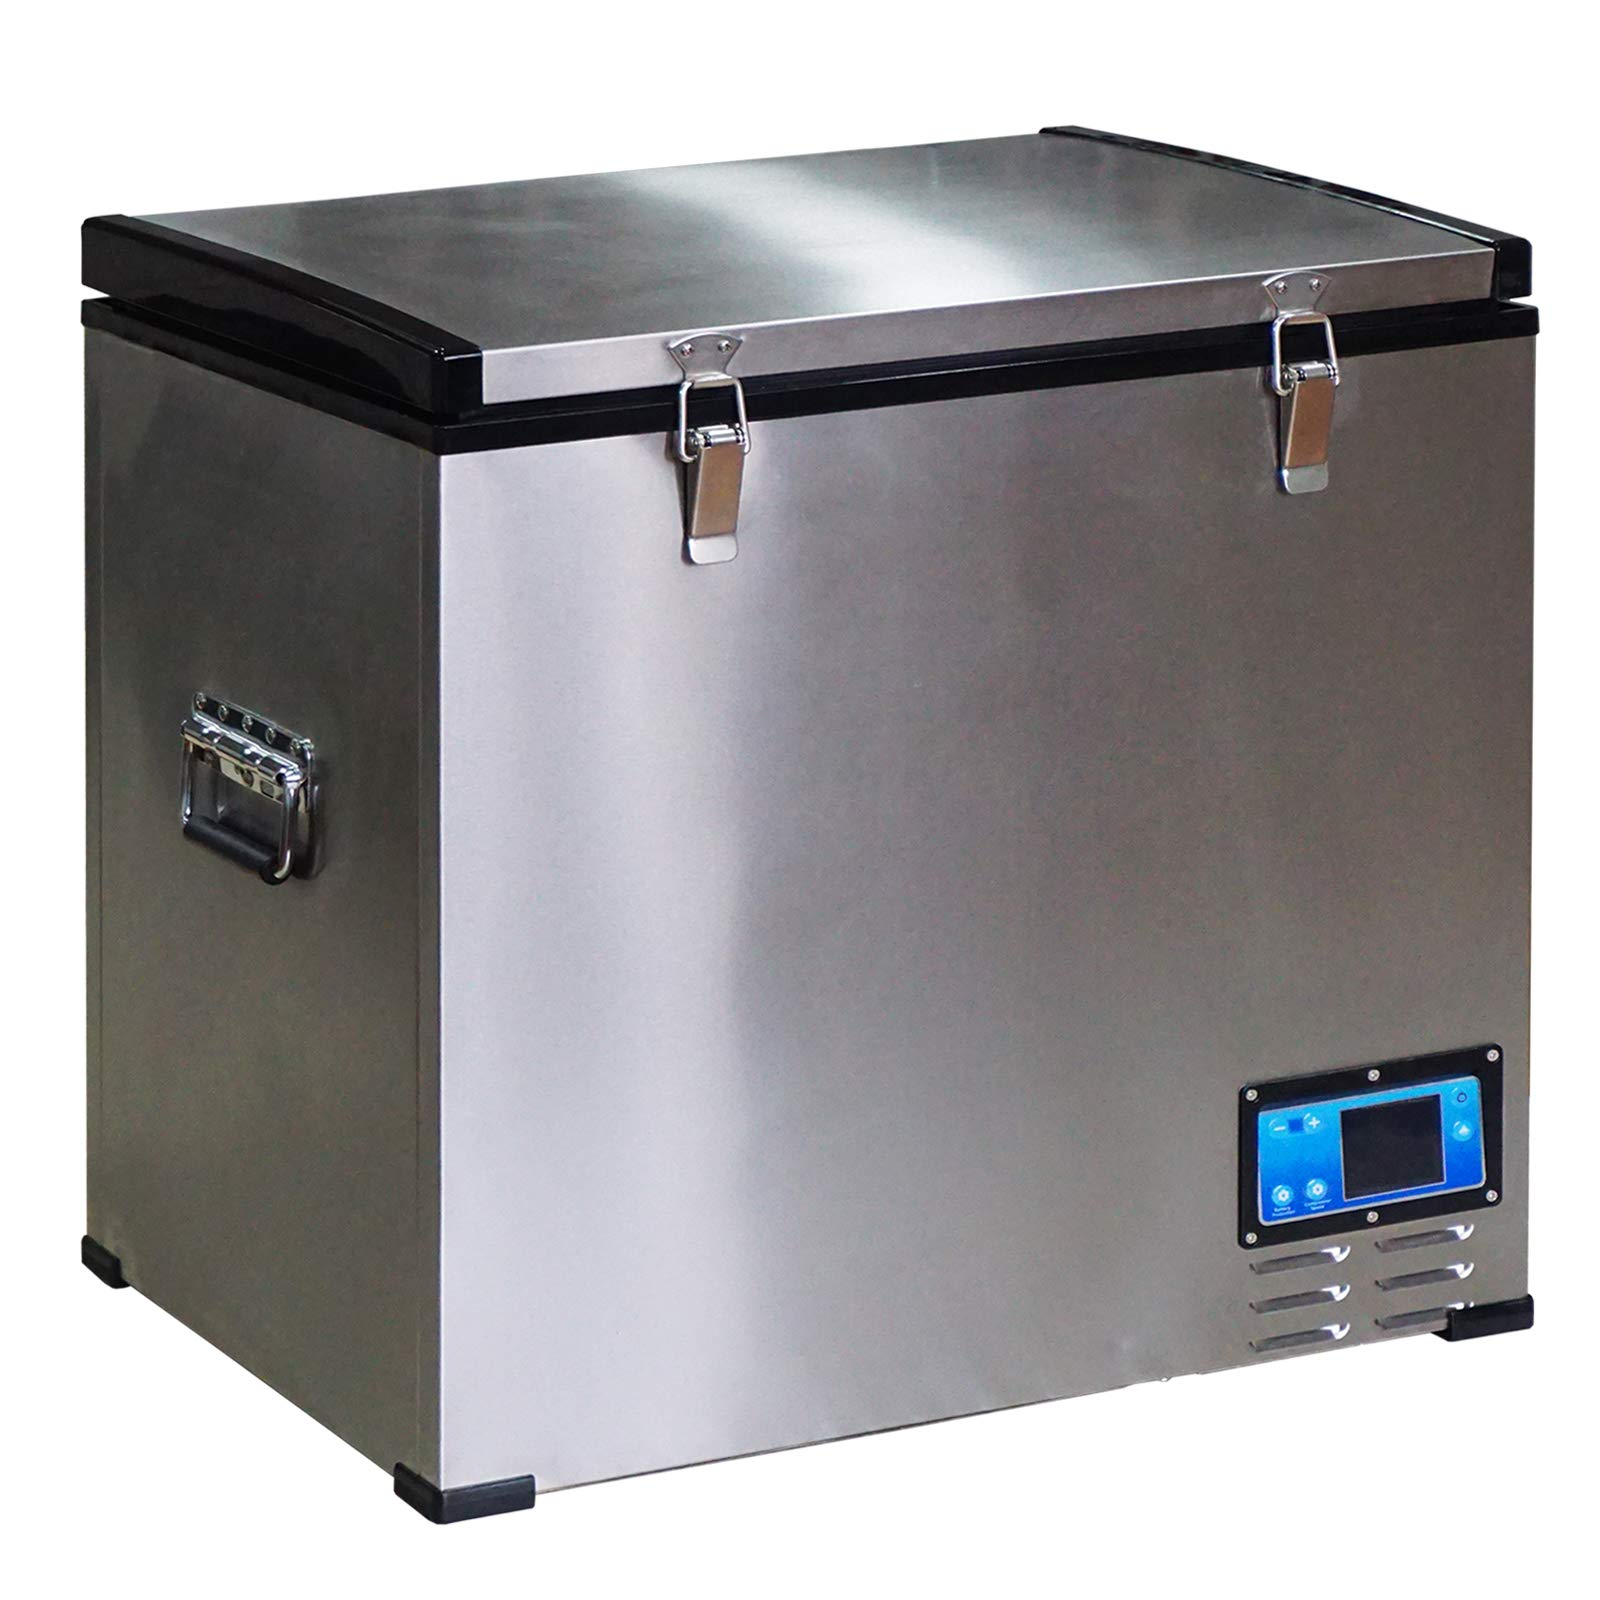 HOMCOM 12V/24V Portable Car Freezer Refrigerator Mini Fridge Cooler - 60 Liter